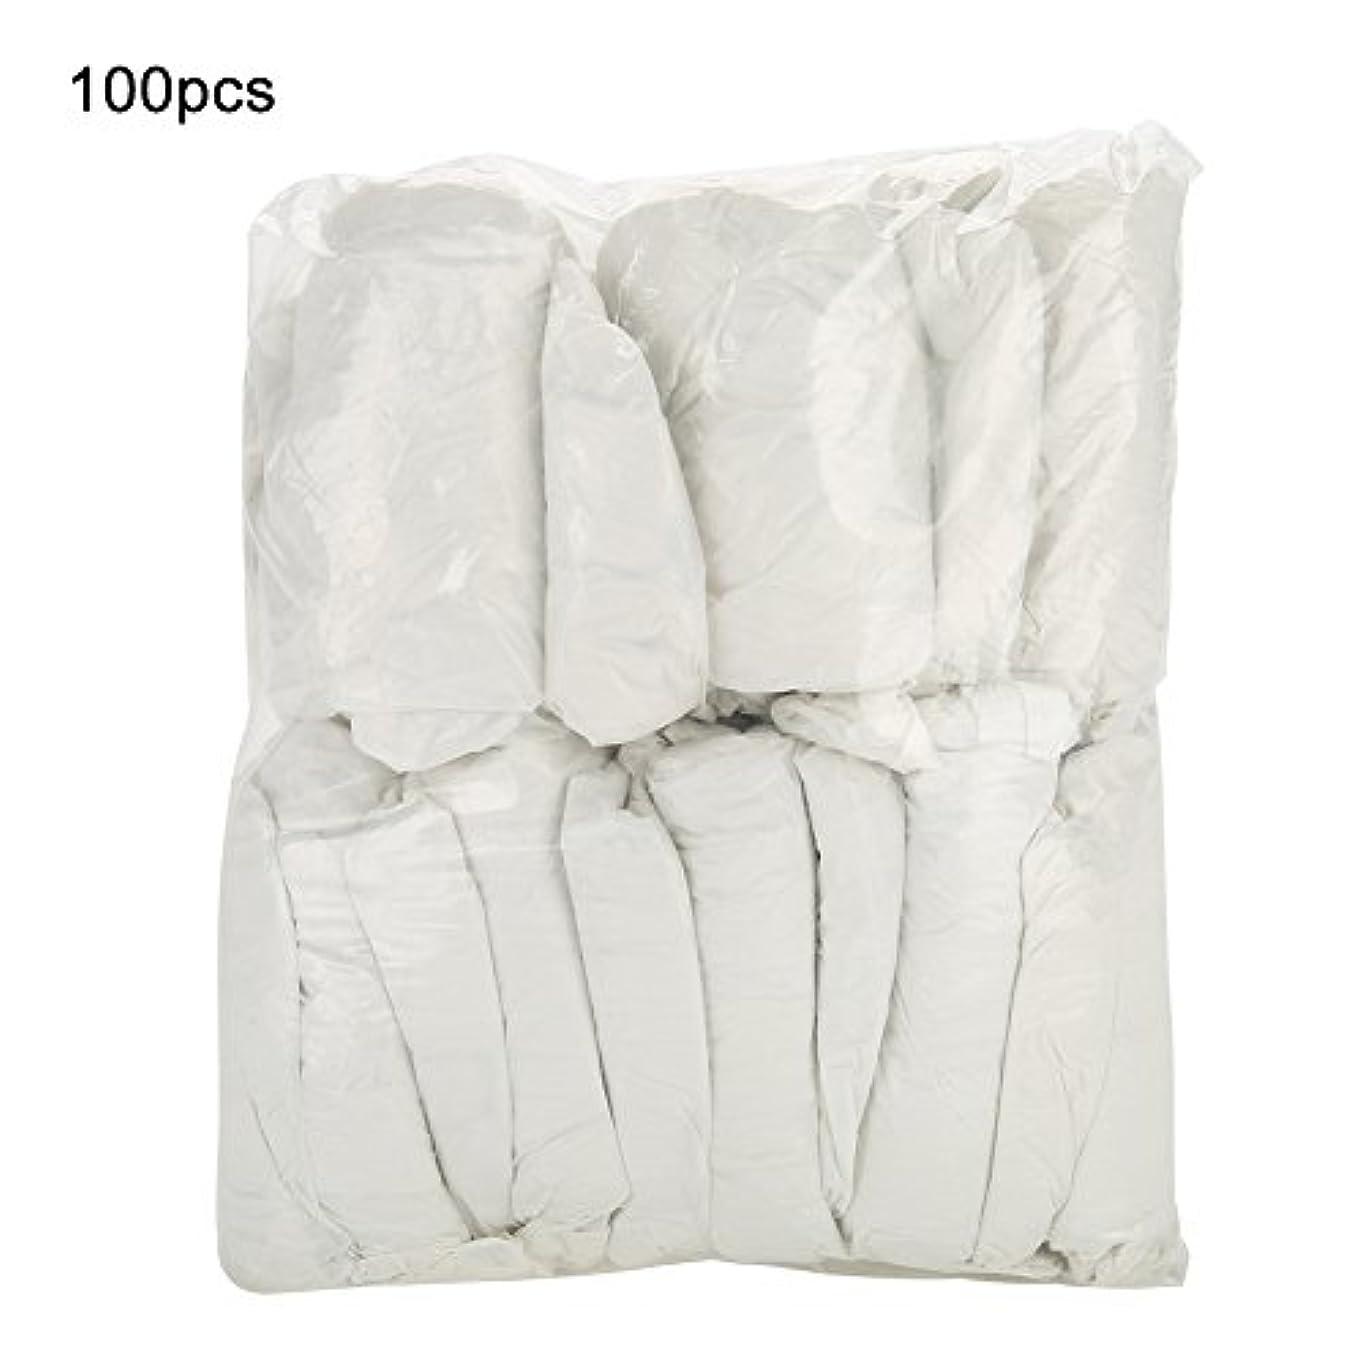 長さ検体マットレスSemme 100pcs / bag使い捨てPlasticTattooスリーブ、滅菌タトゥーアームスリーブスリーブレットカバー保護